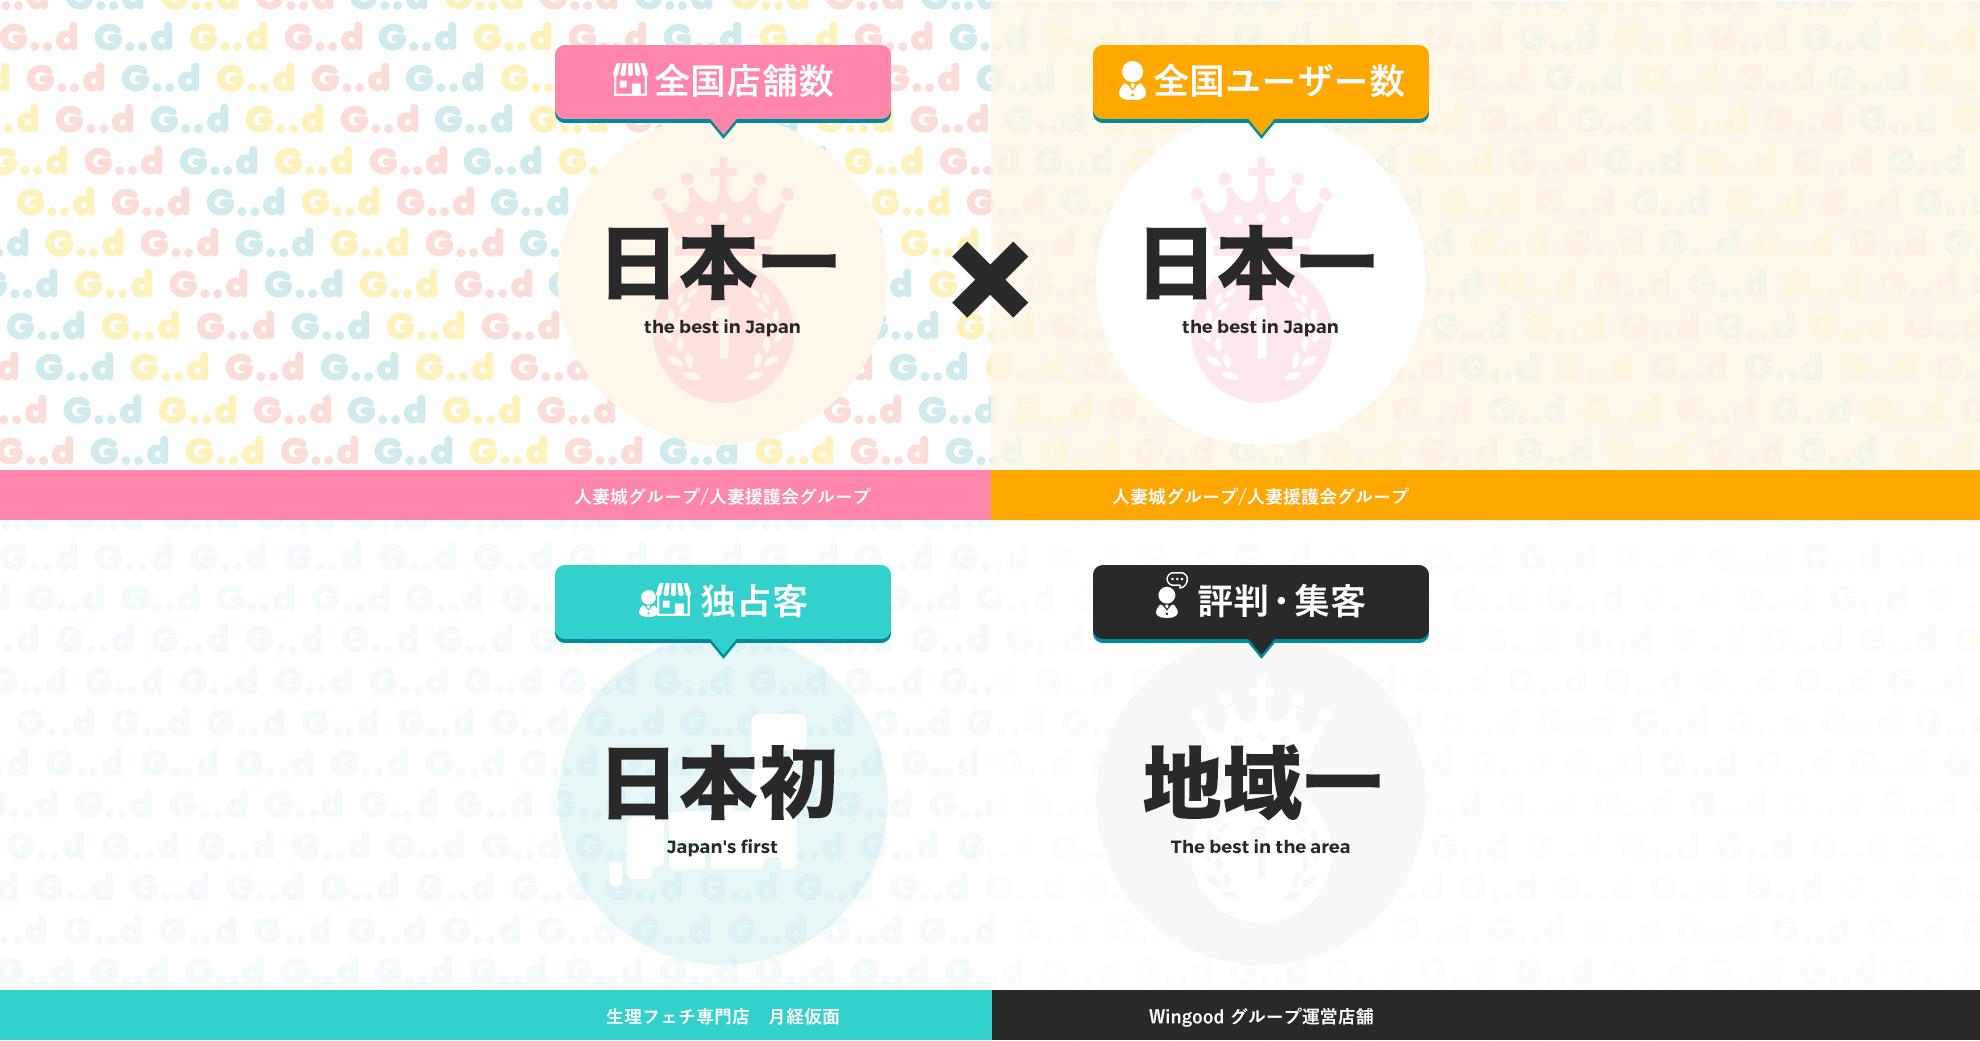 全国店舗数日本一・全国ユーザー数日本一・独占客日本初・評判集客地域一